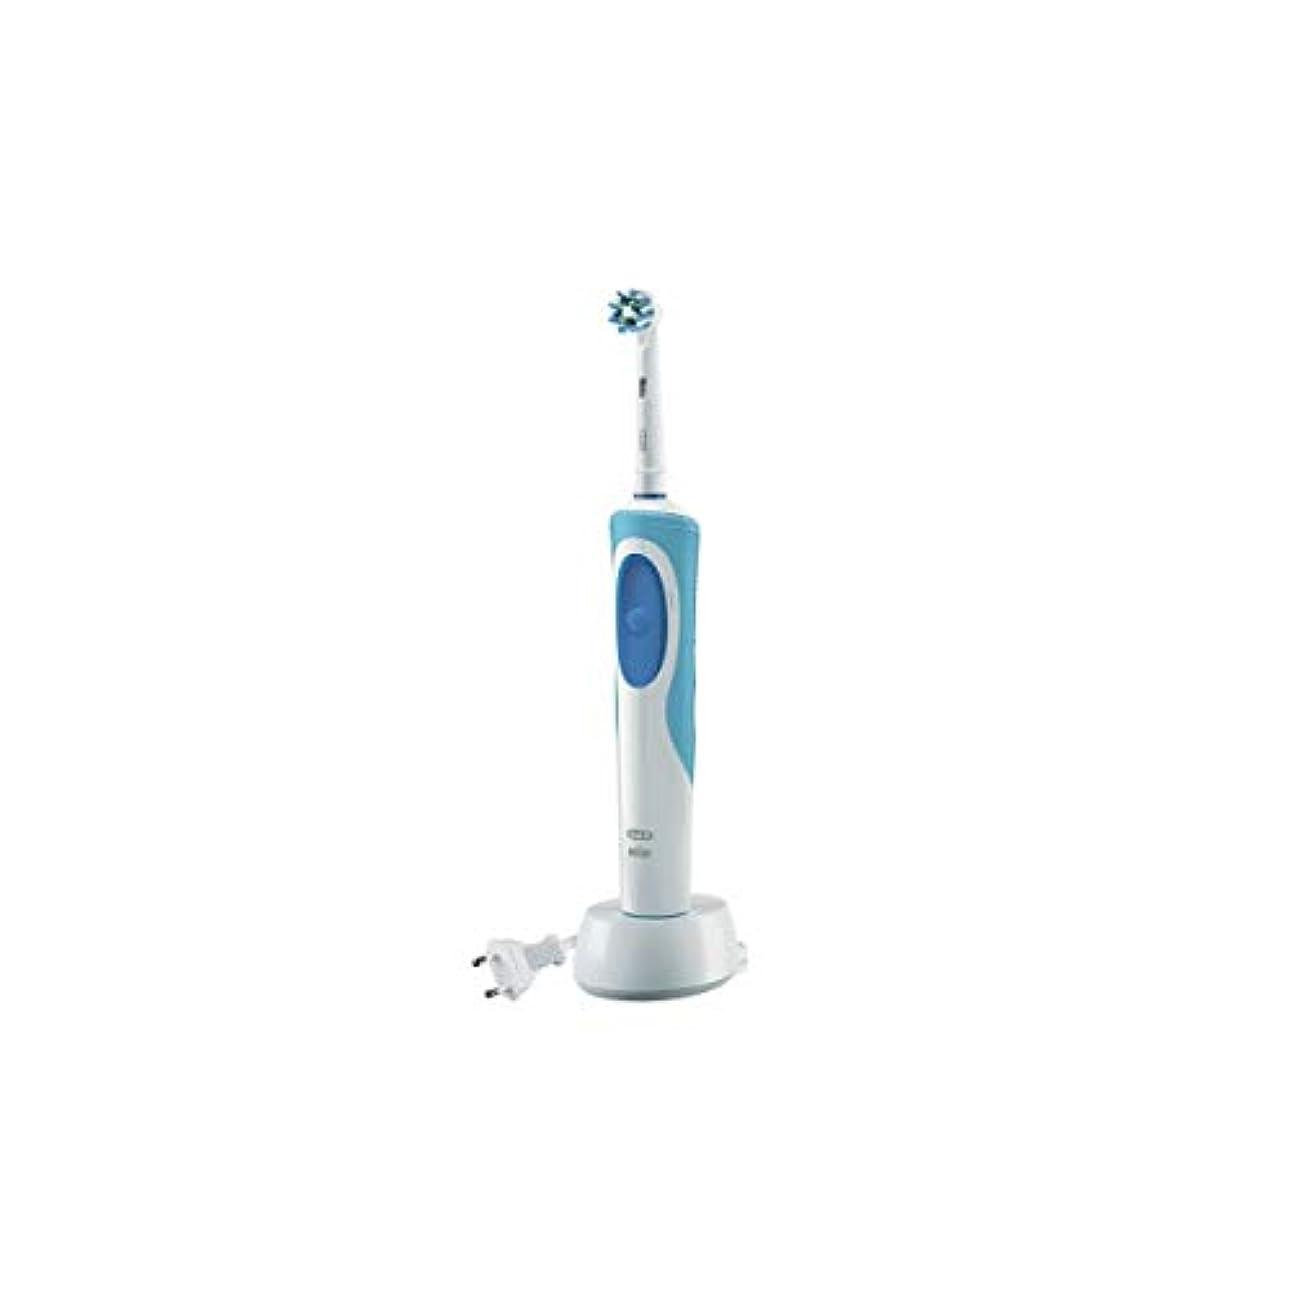 引退したマークダウン傾いたOral B Vitality Cross Action Electric Toothbrush [並行輸入品]